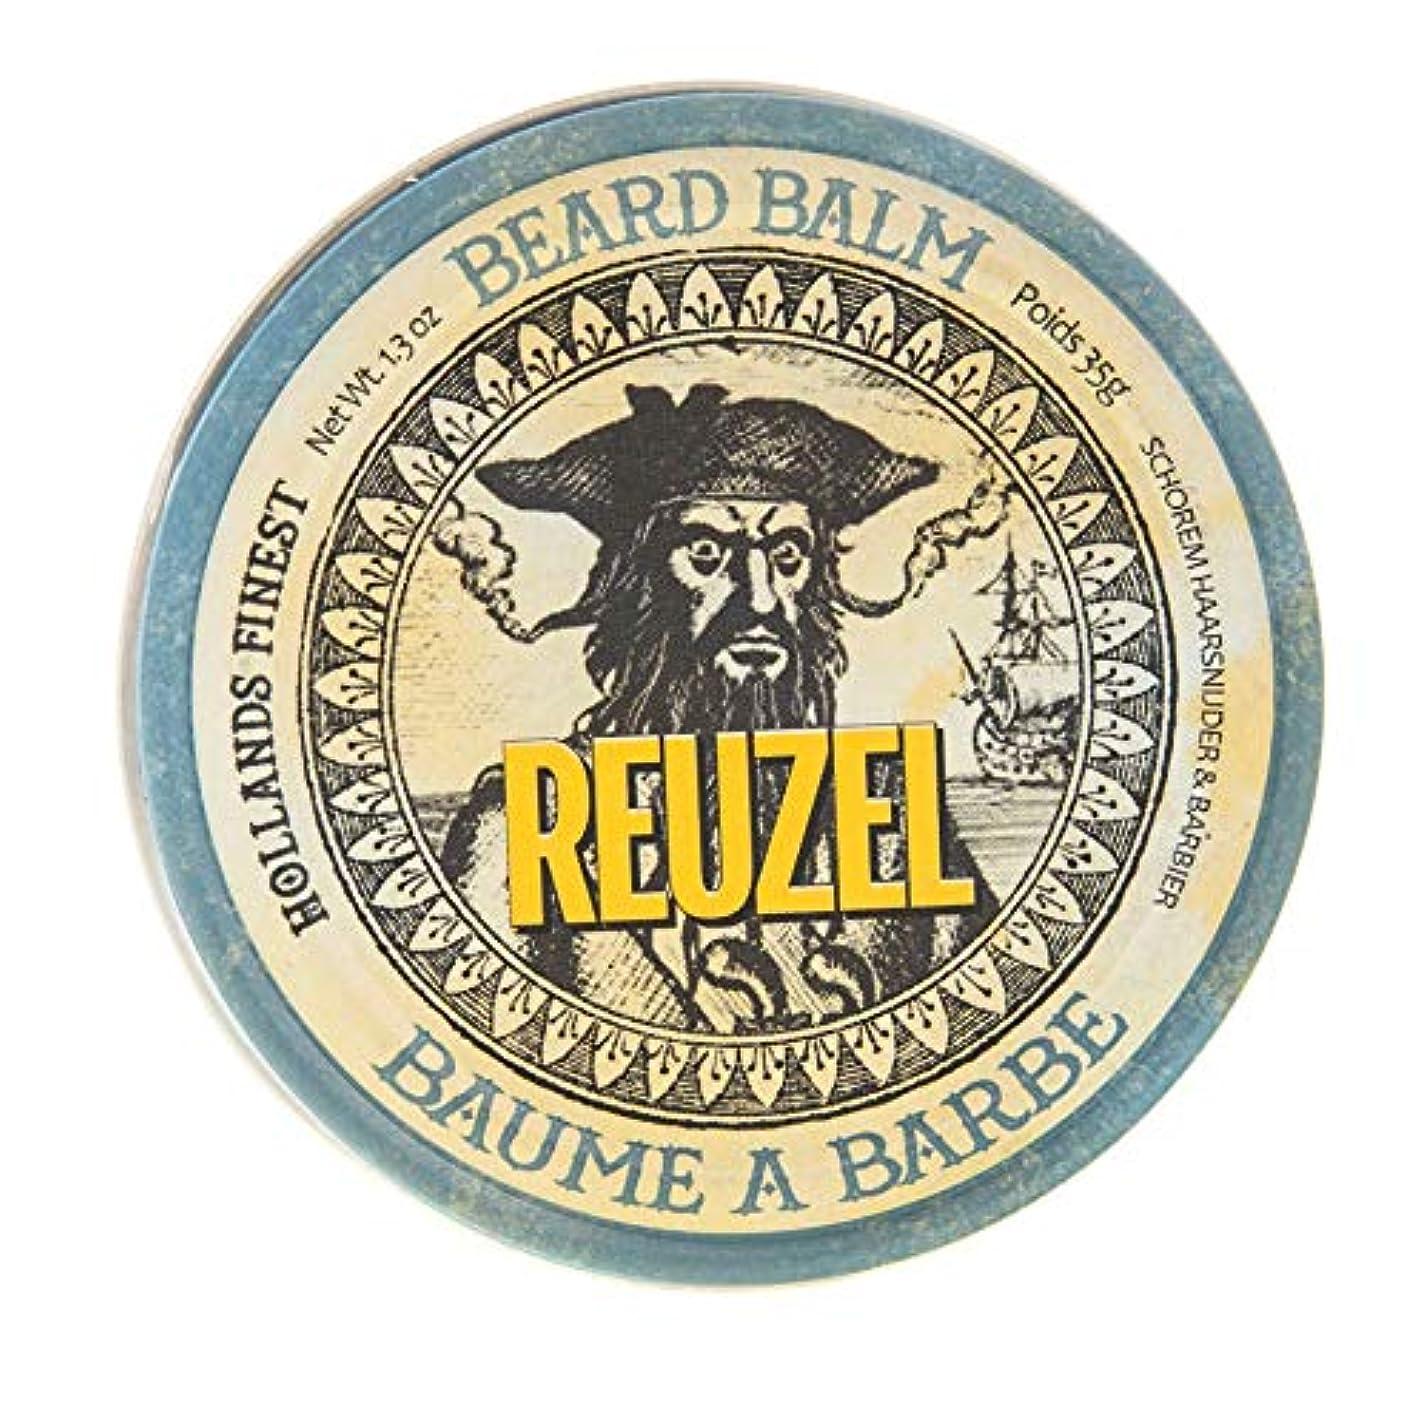 管理はぁロールルーゾー ビアード バーム Reuzel Beard Balm 35 g [並行輸入品]